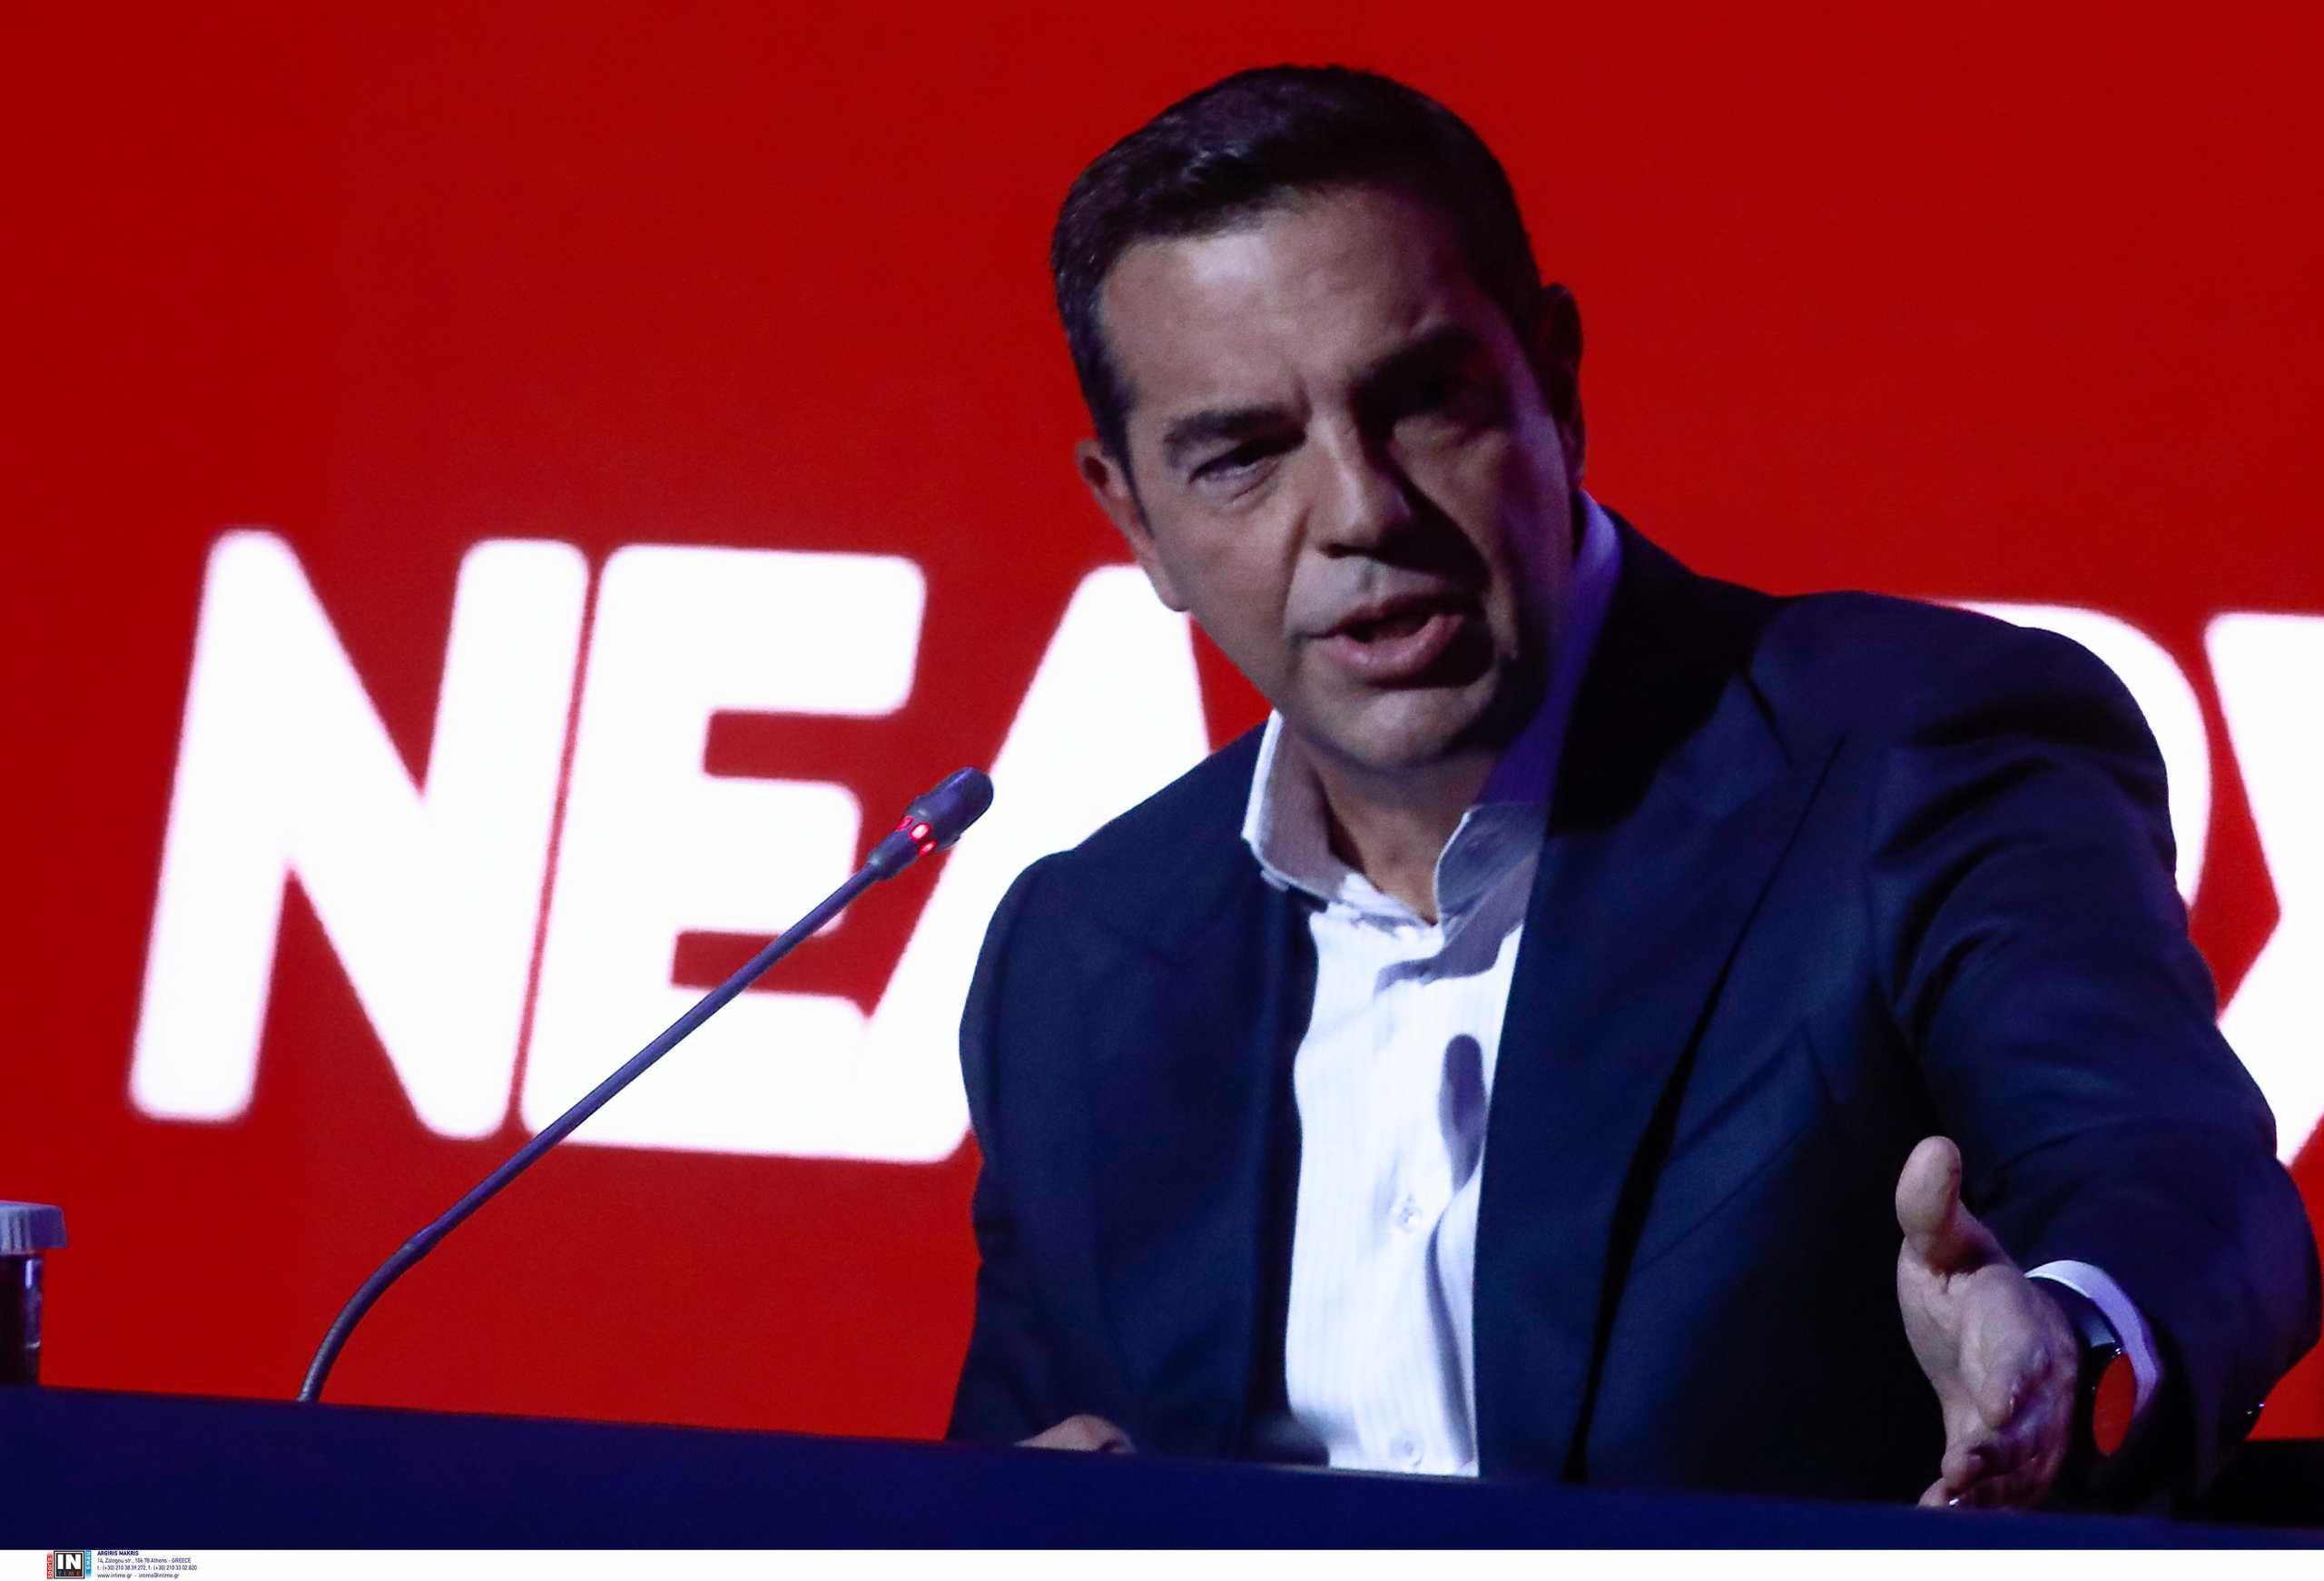 Κυβέρνηση vs ΣΥΡΙΖΑ: Η απάντηση του Μαξίμου στις εξαγγελίες του Αλέξη Τσίπρα στην ΔΕΘ και στο βάθος… εκλογές